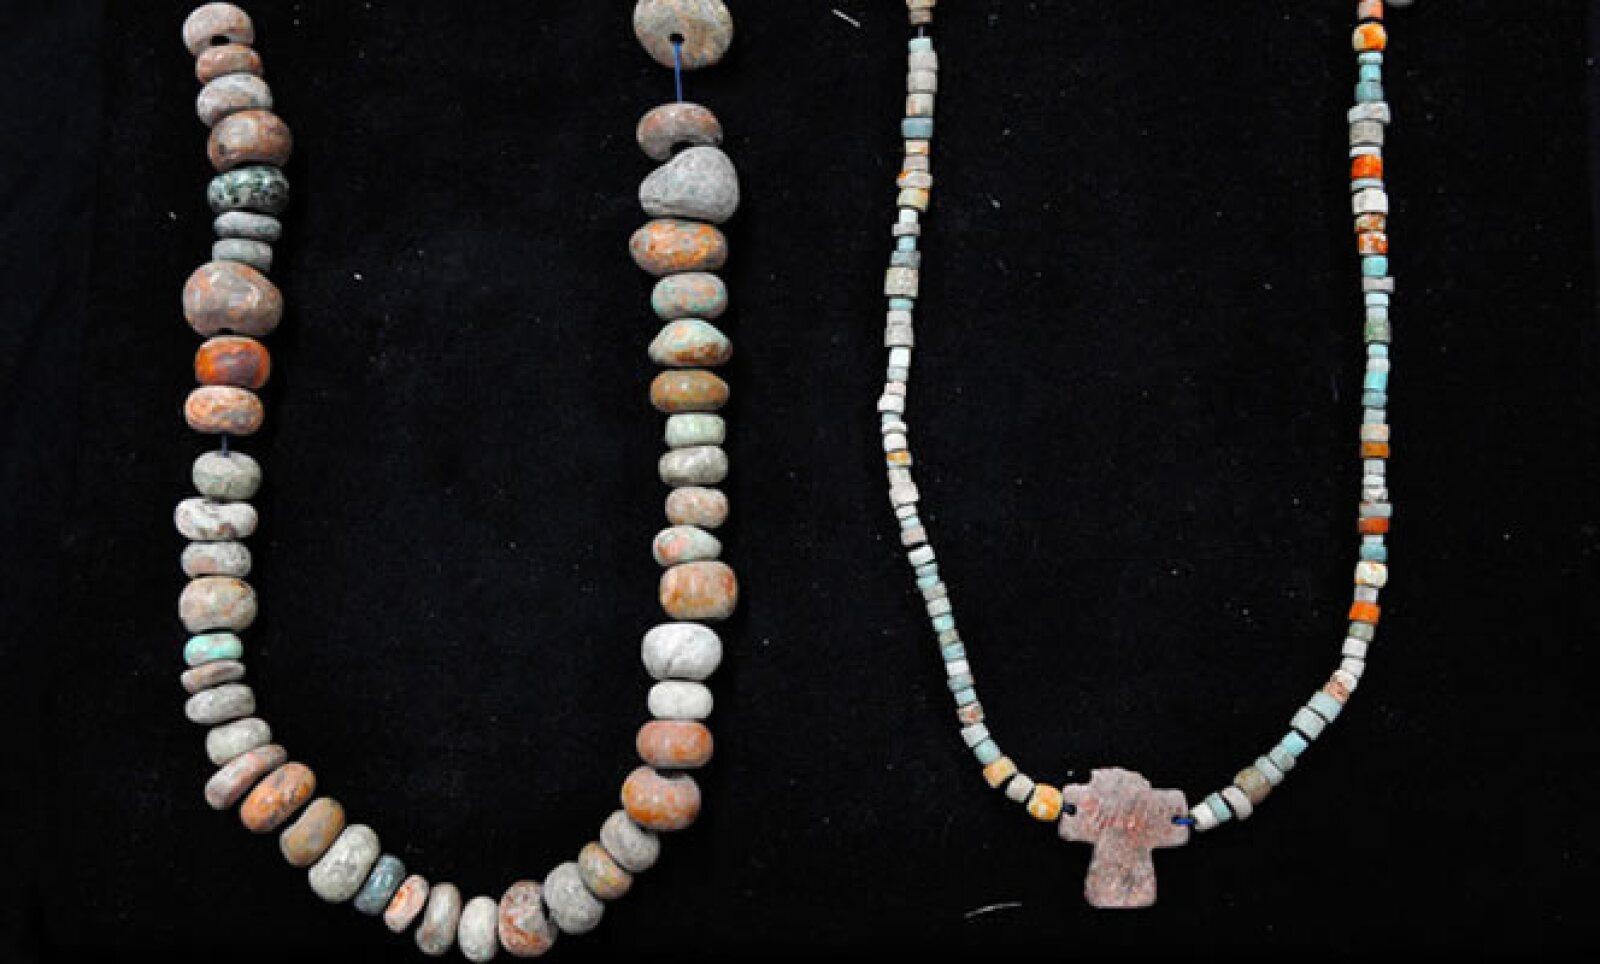 Piezas de joyería como collares, algunos adornaban las esculturas.